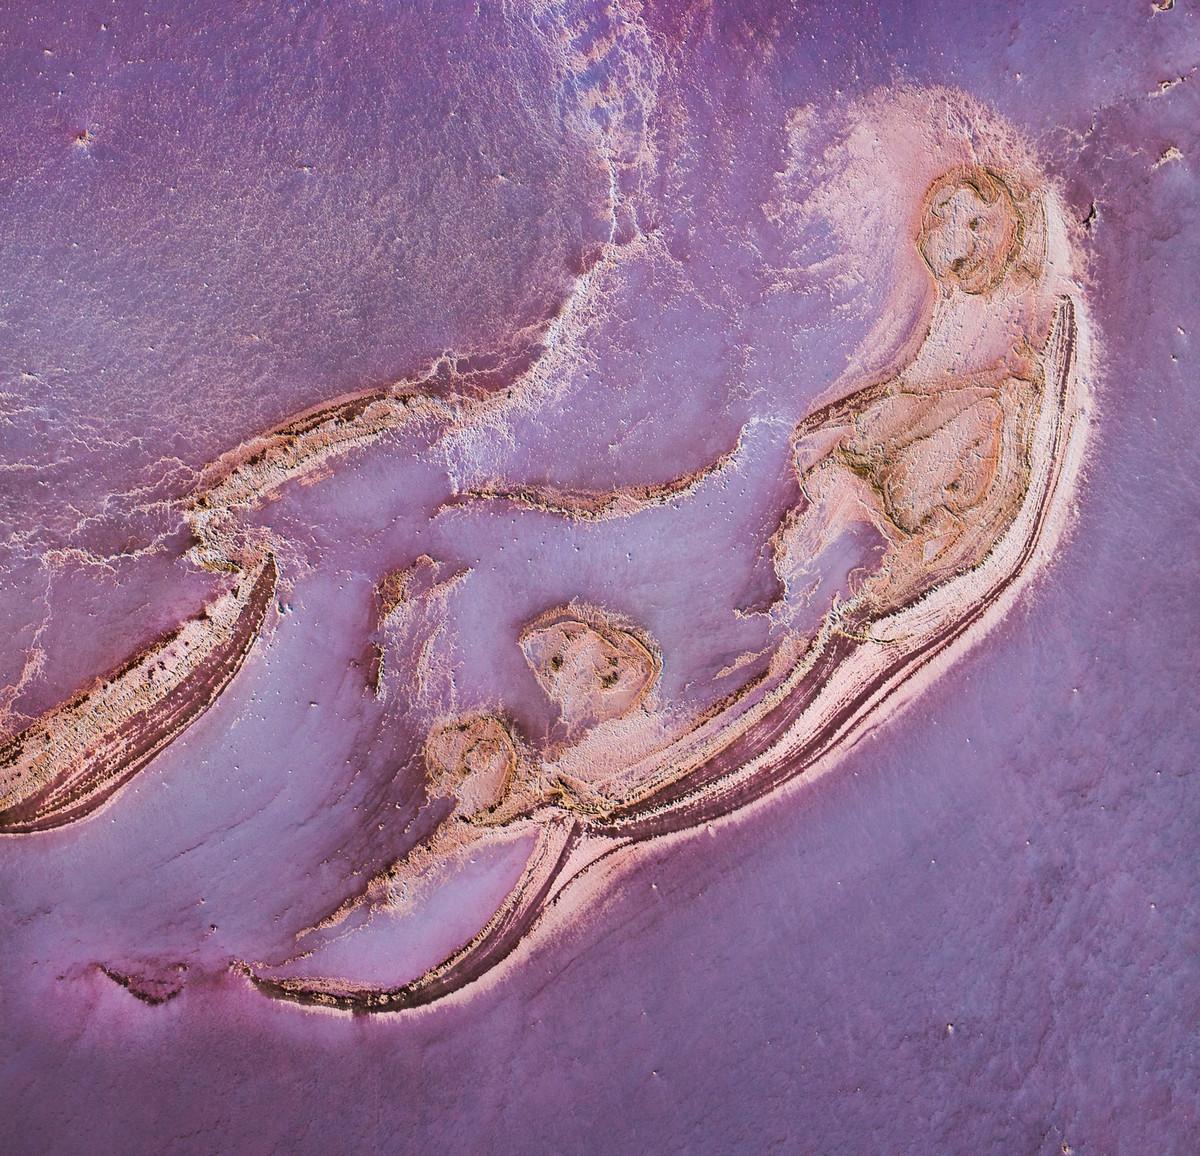 Озеро Эйр в аэрофотографиях 4